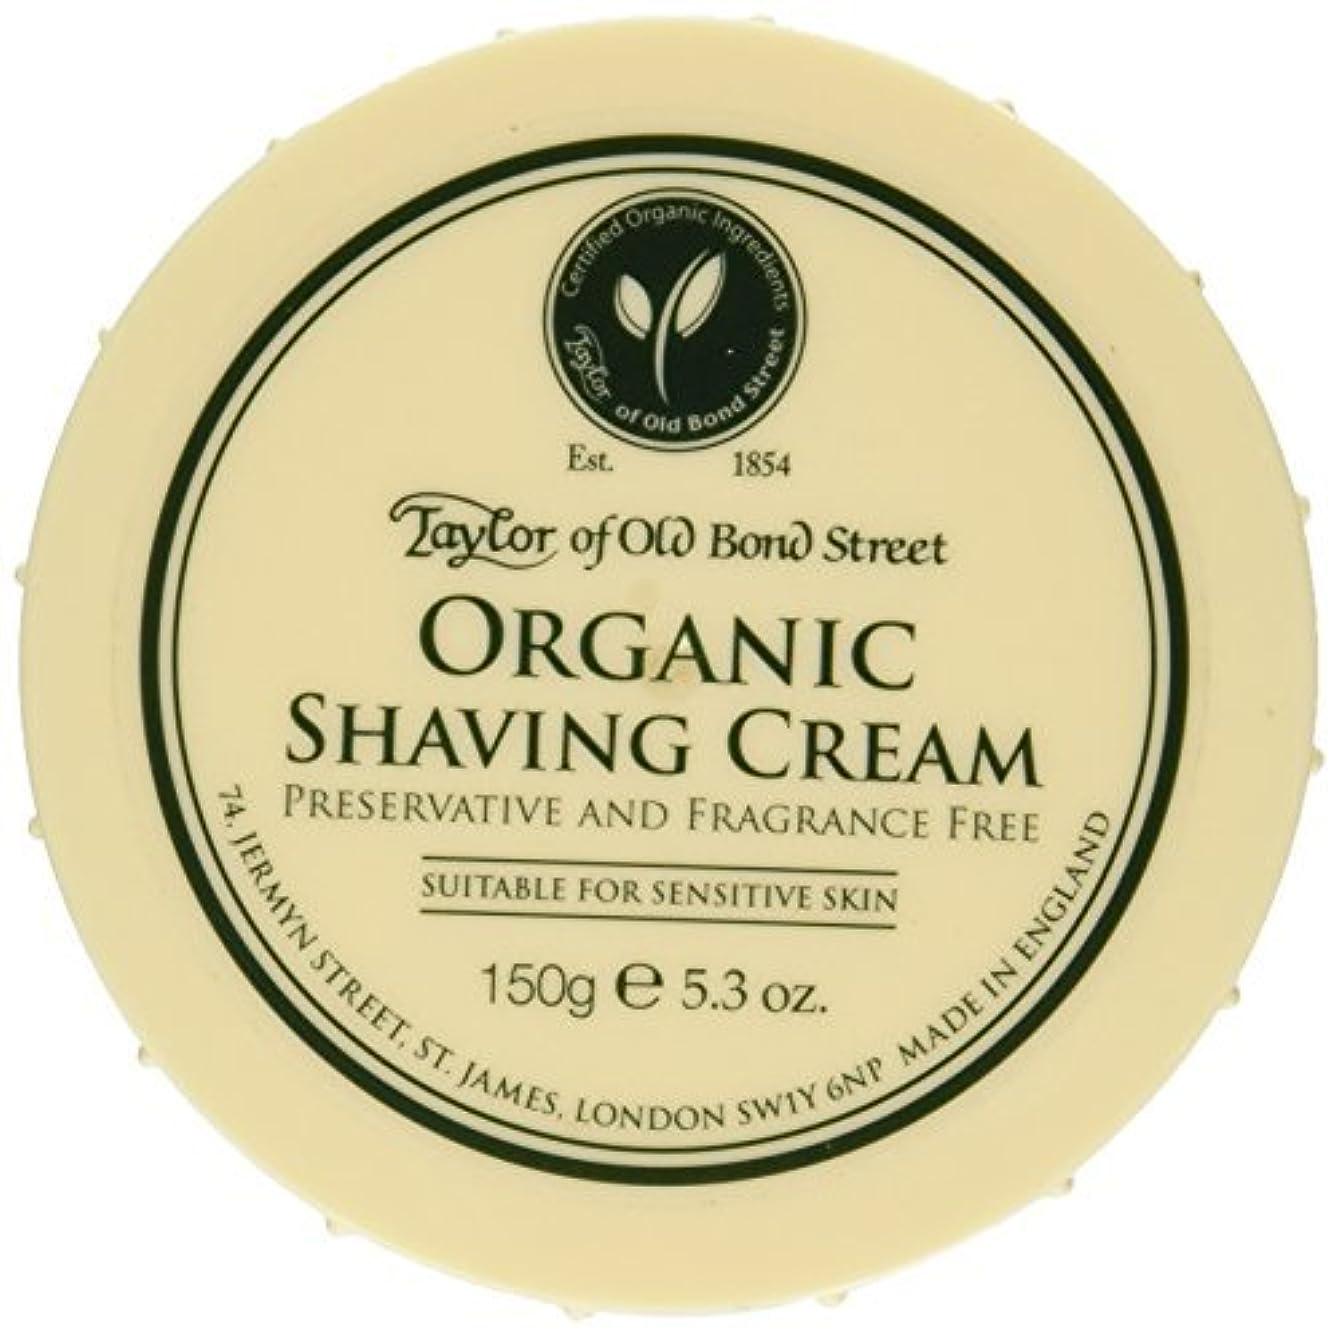 漏斗蒸留ローマ人Taylor of Old Bond Street Organic Shaving Cream Bowl 150 g by Taylor of Old Bond Street [並行輸入品]